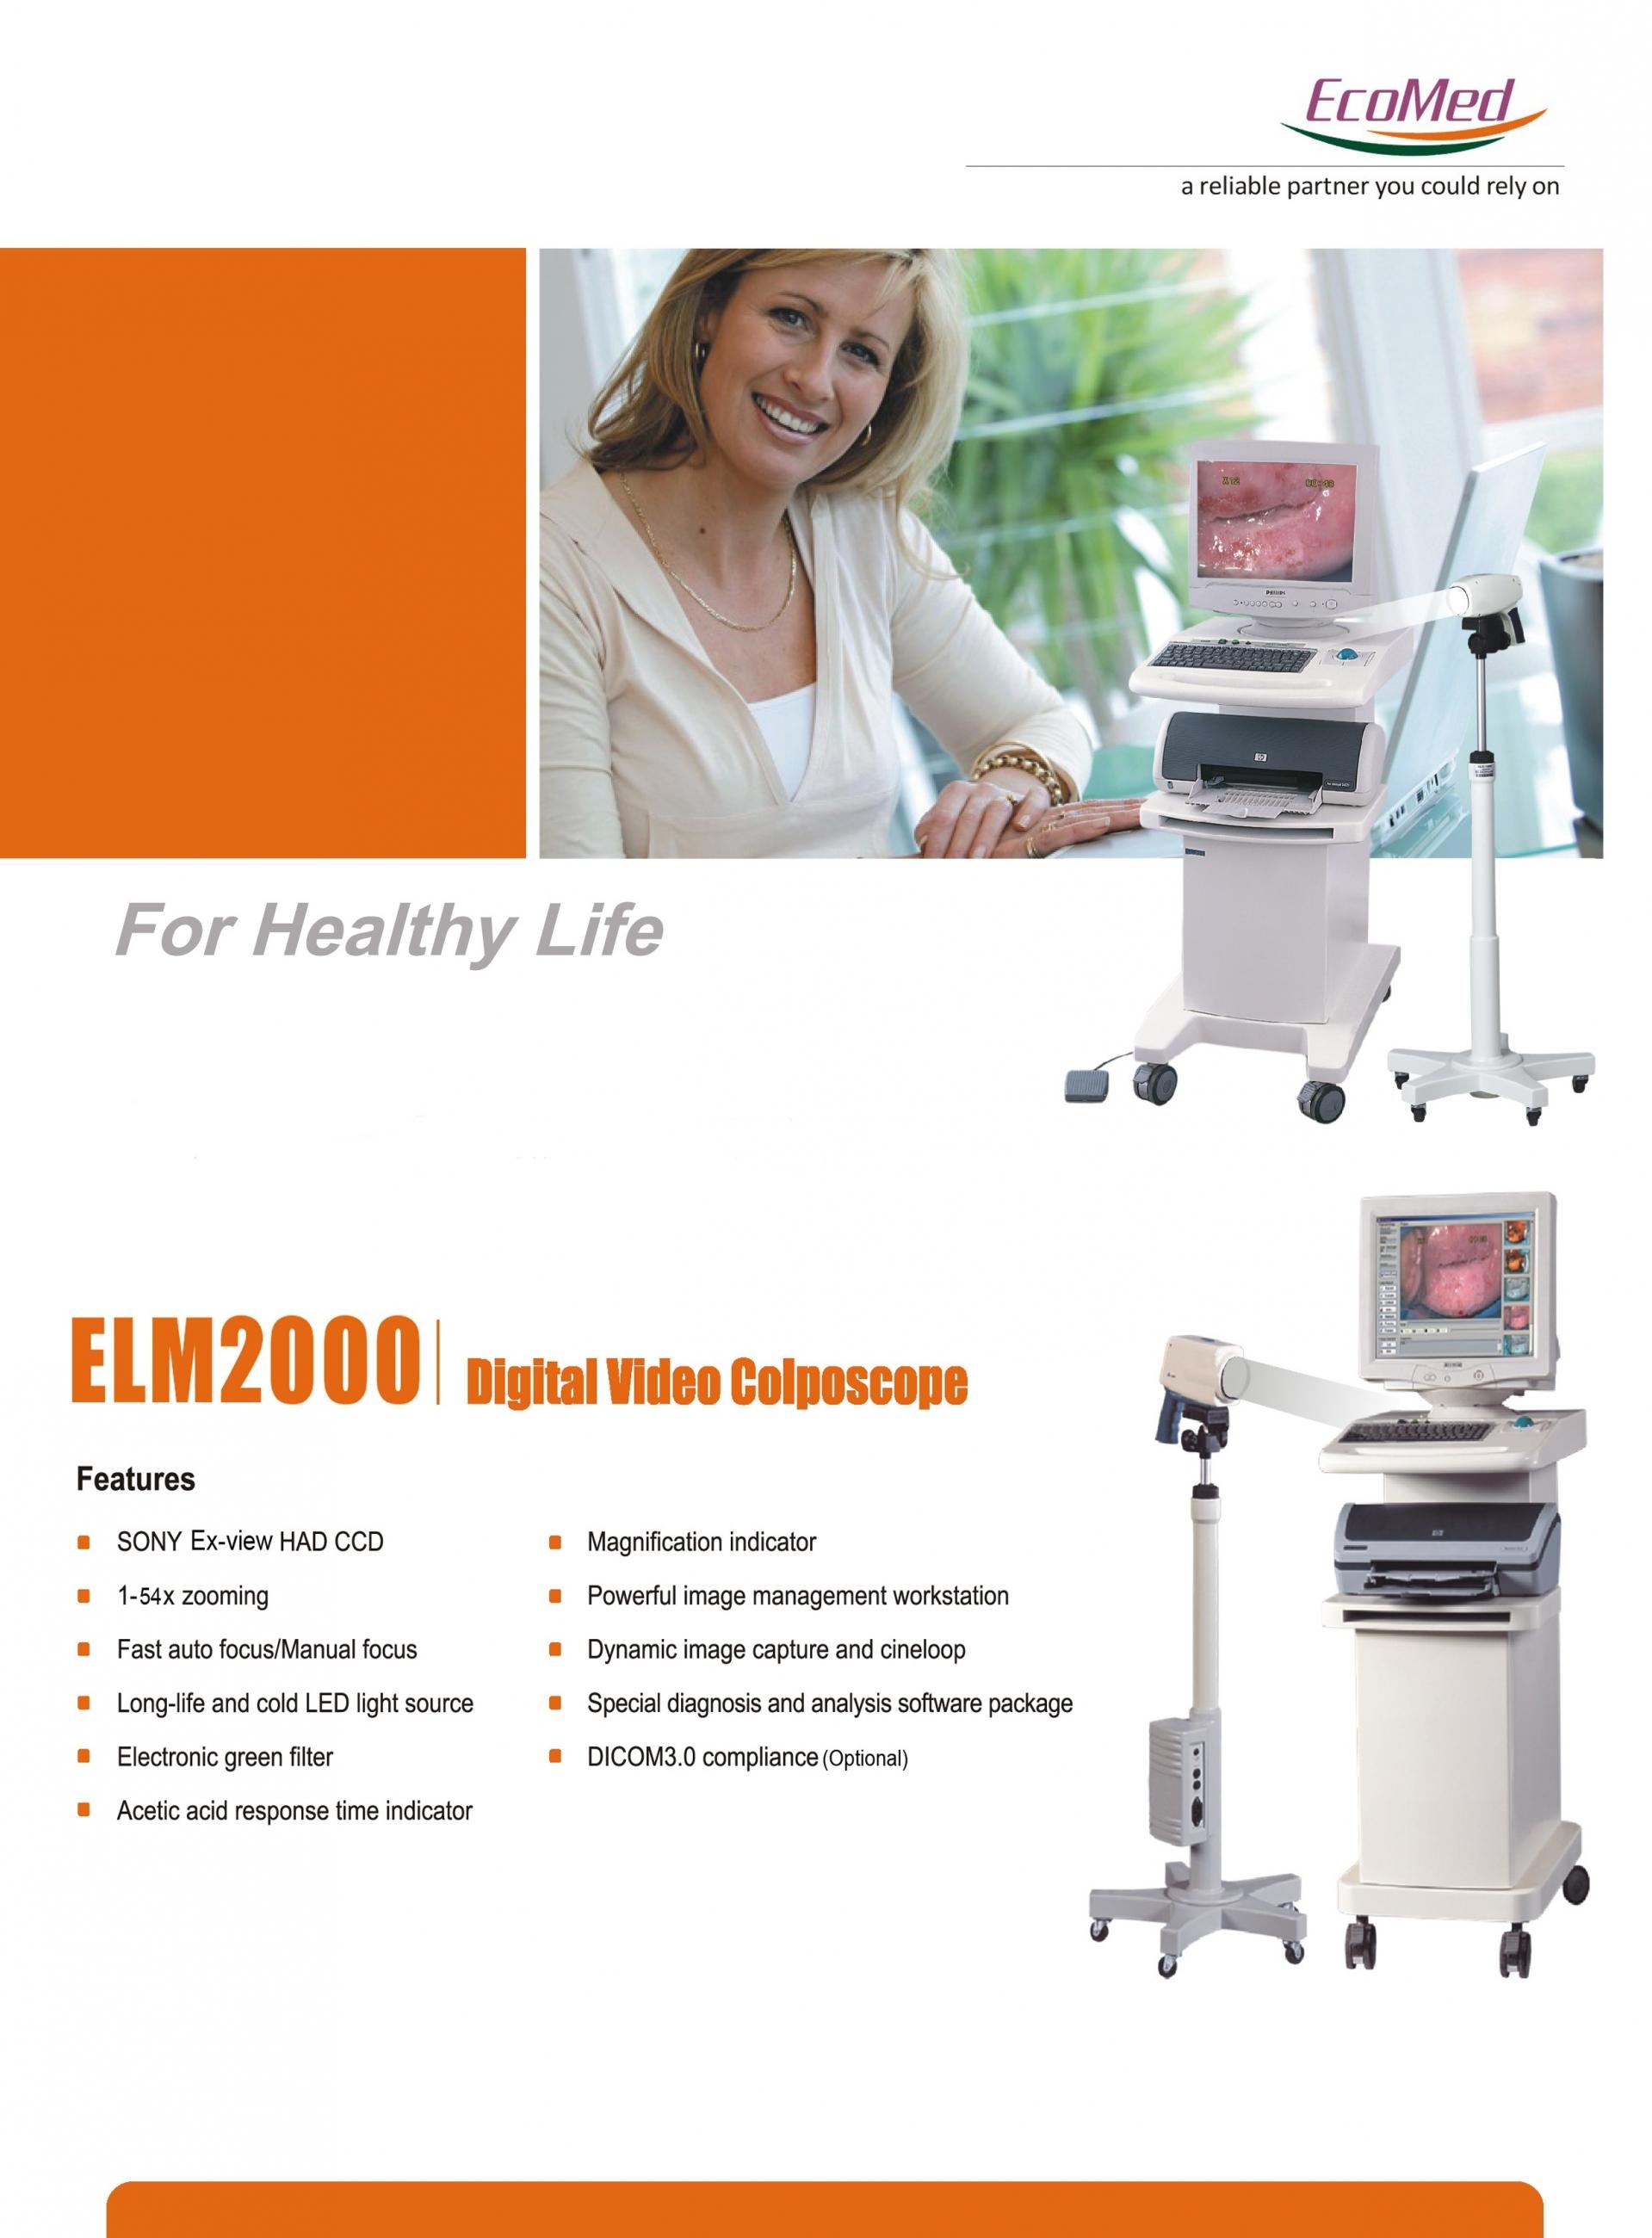 Báo giá máy nội soi cổ tử cung ELM 2000 giá tốt nhất